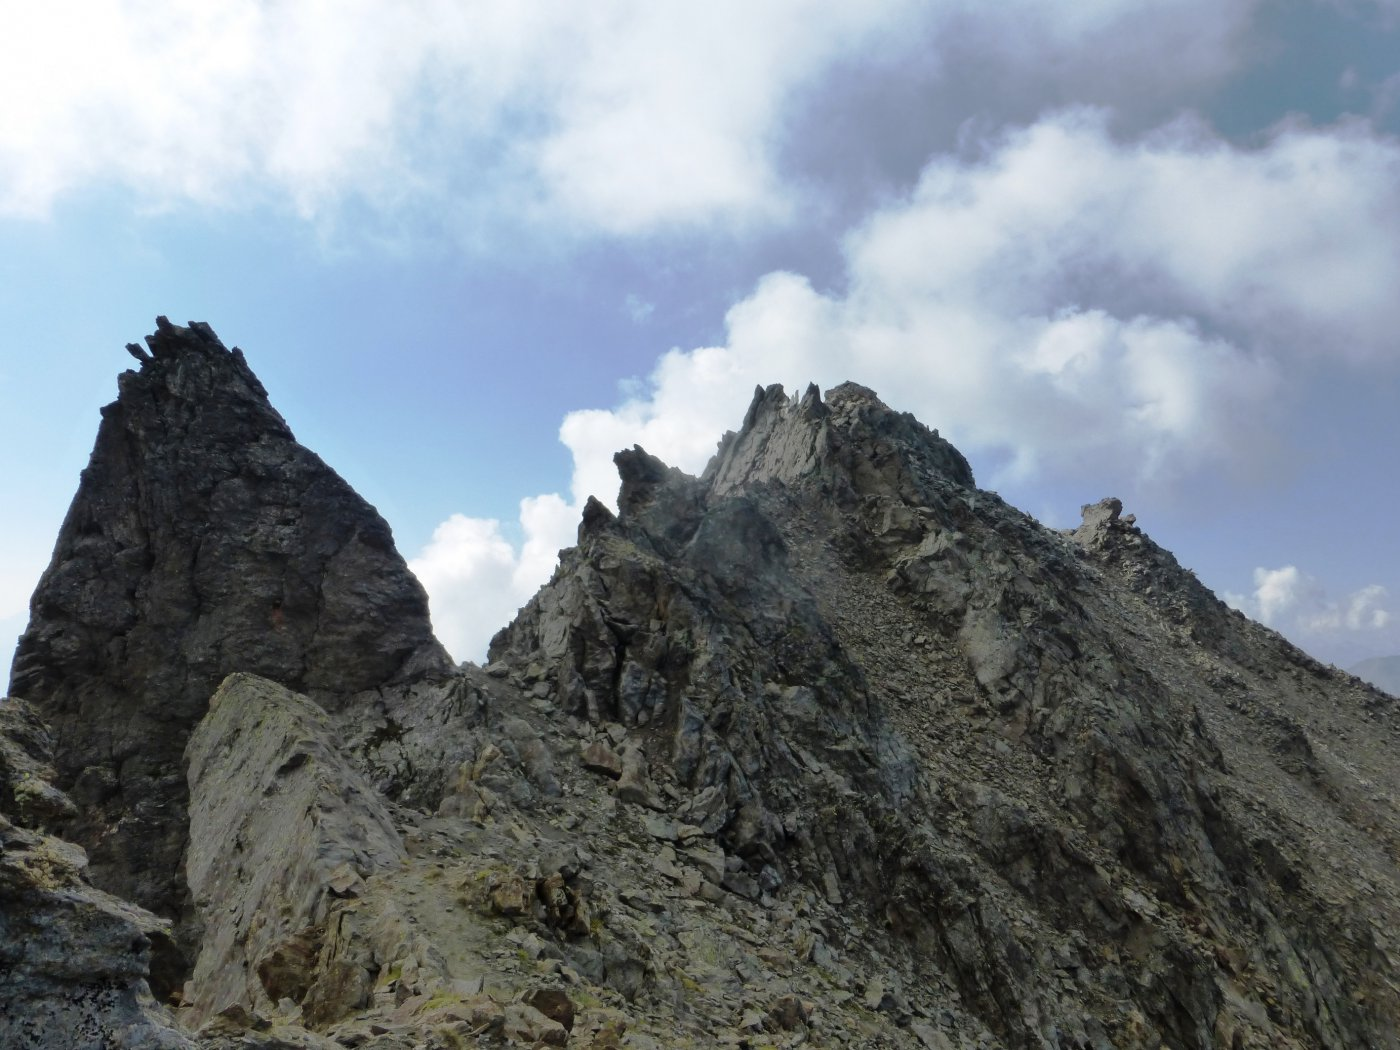 Salliaosa (Punta) per la cresta delle Punte Chenaille e Tete des Cretes 2015-08-12